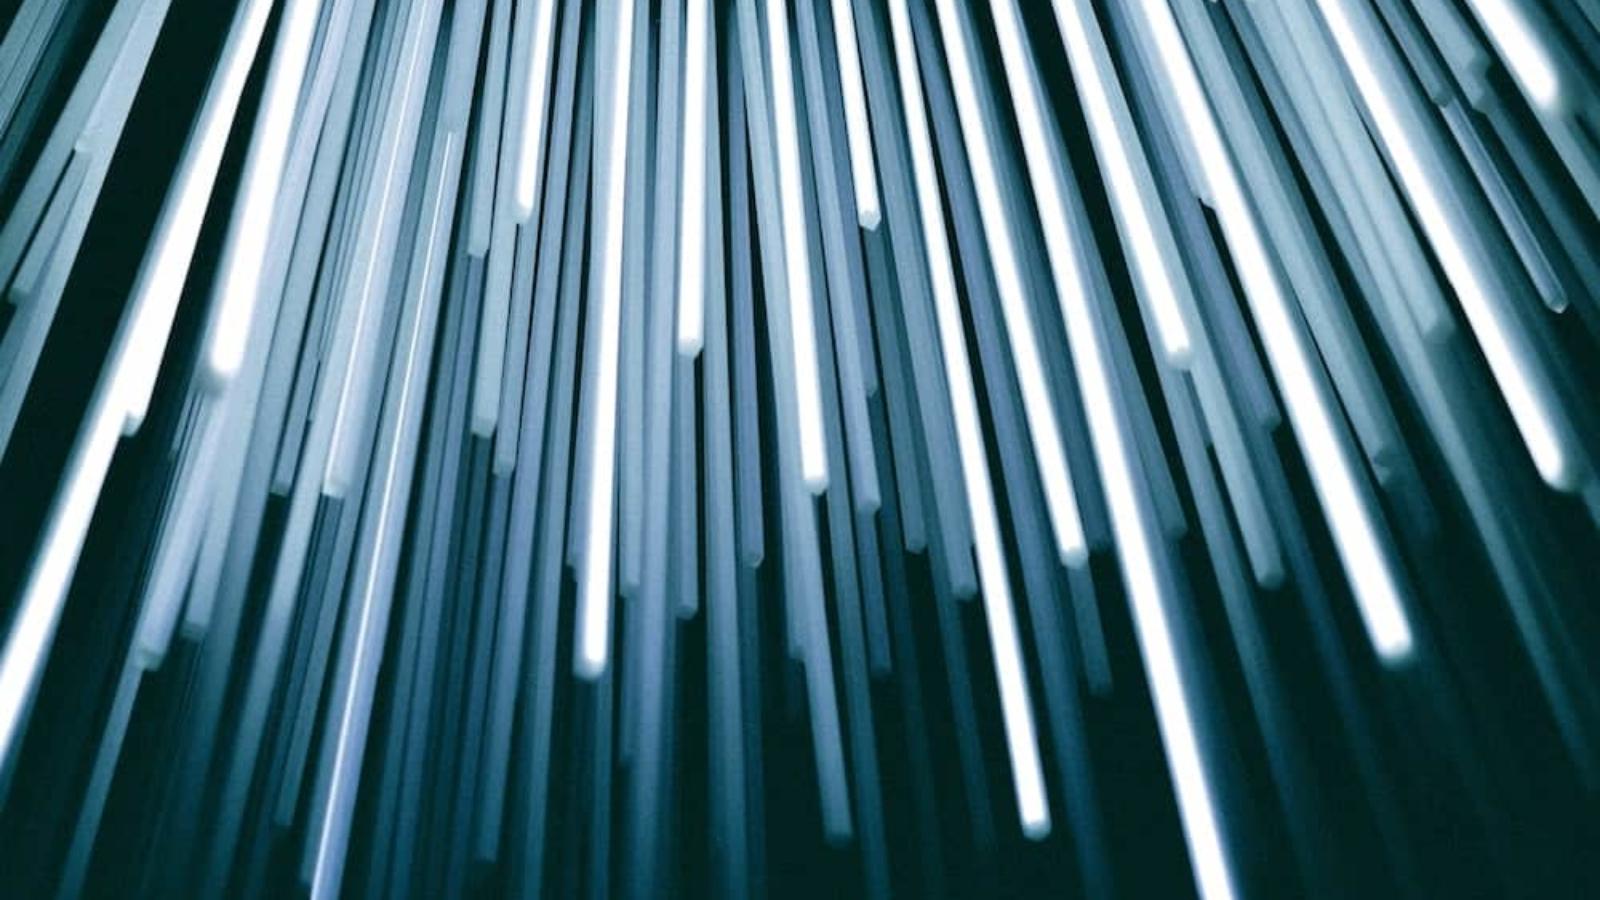 ニューロン 電気 Neuron 電気工事 電気屋さん 工事 商業 店舗 大規模 LED 照明 配線2